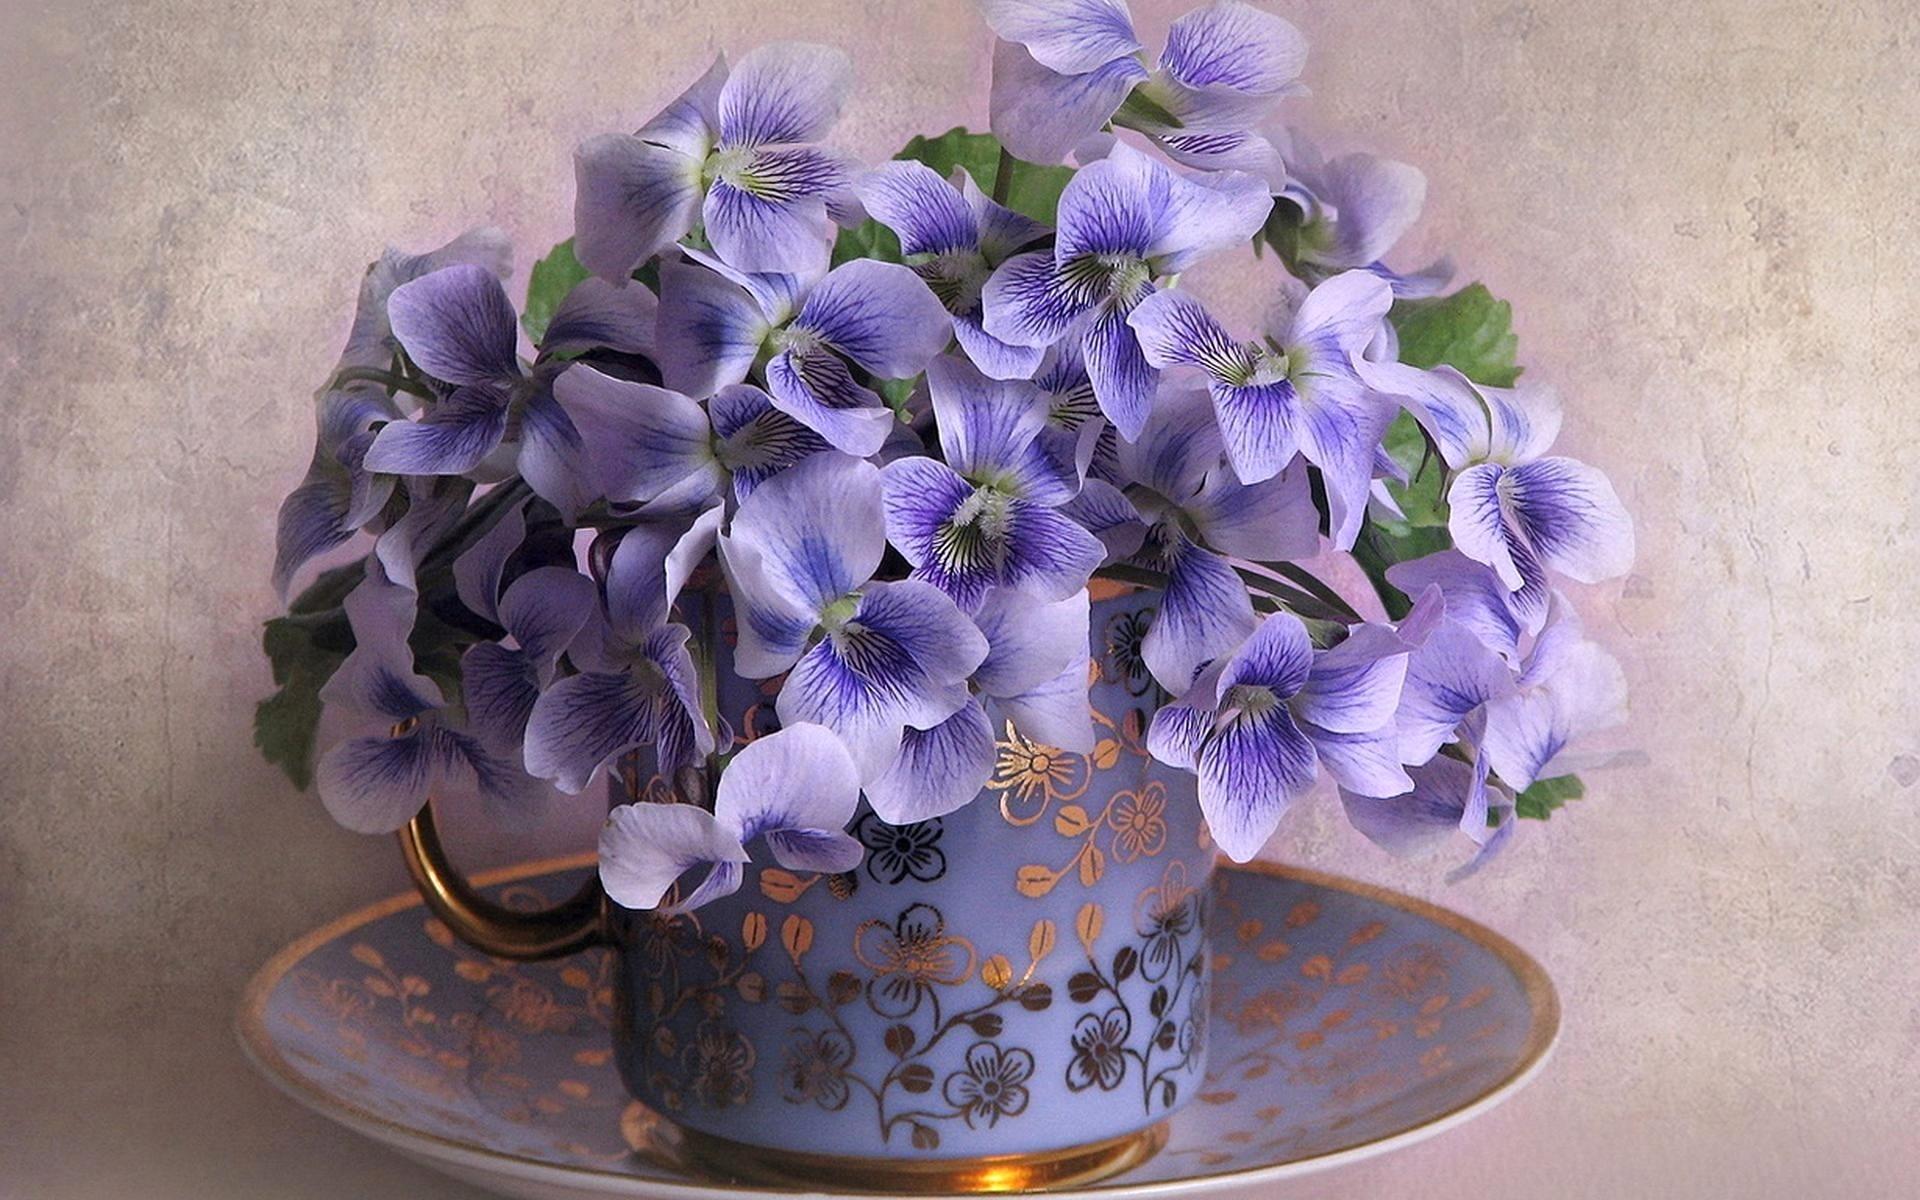 flower-virag2-9426997713.jpg